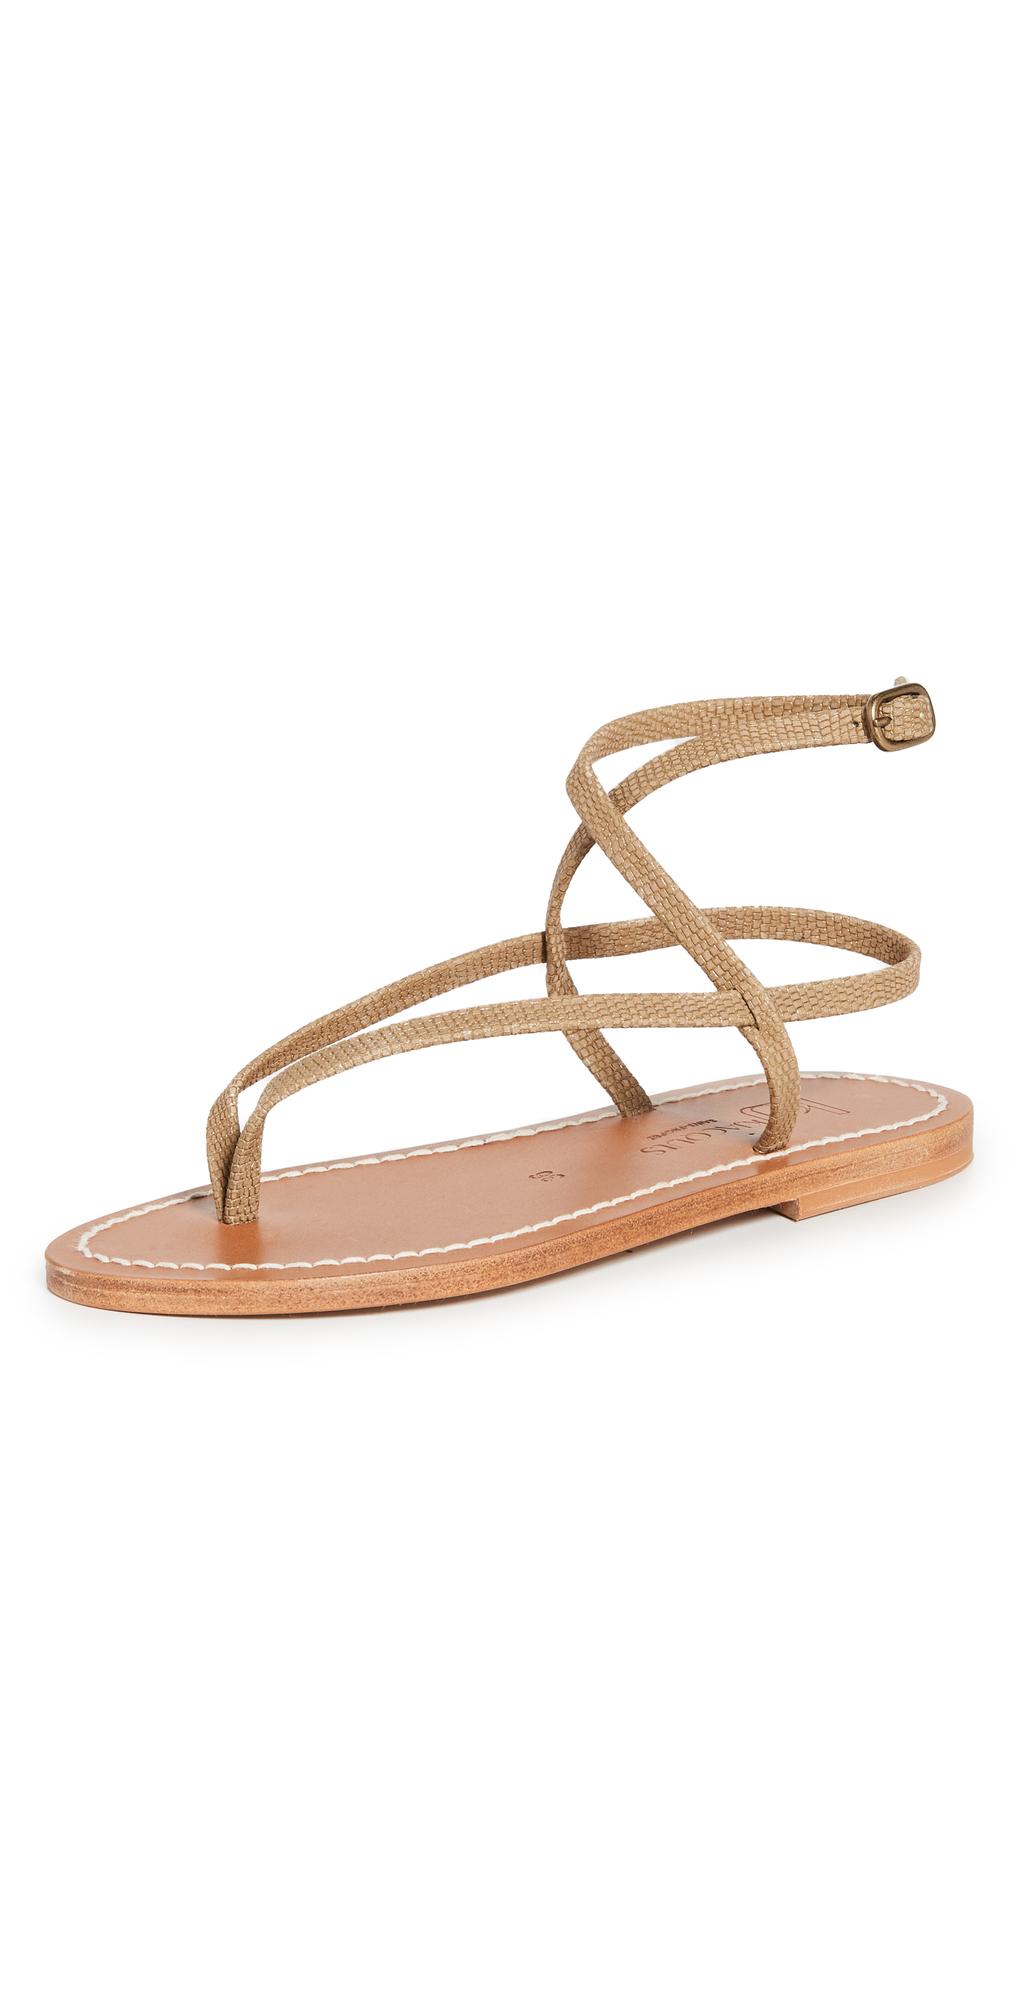 Delta Sandals